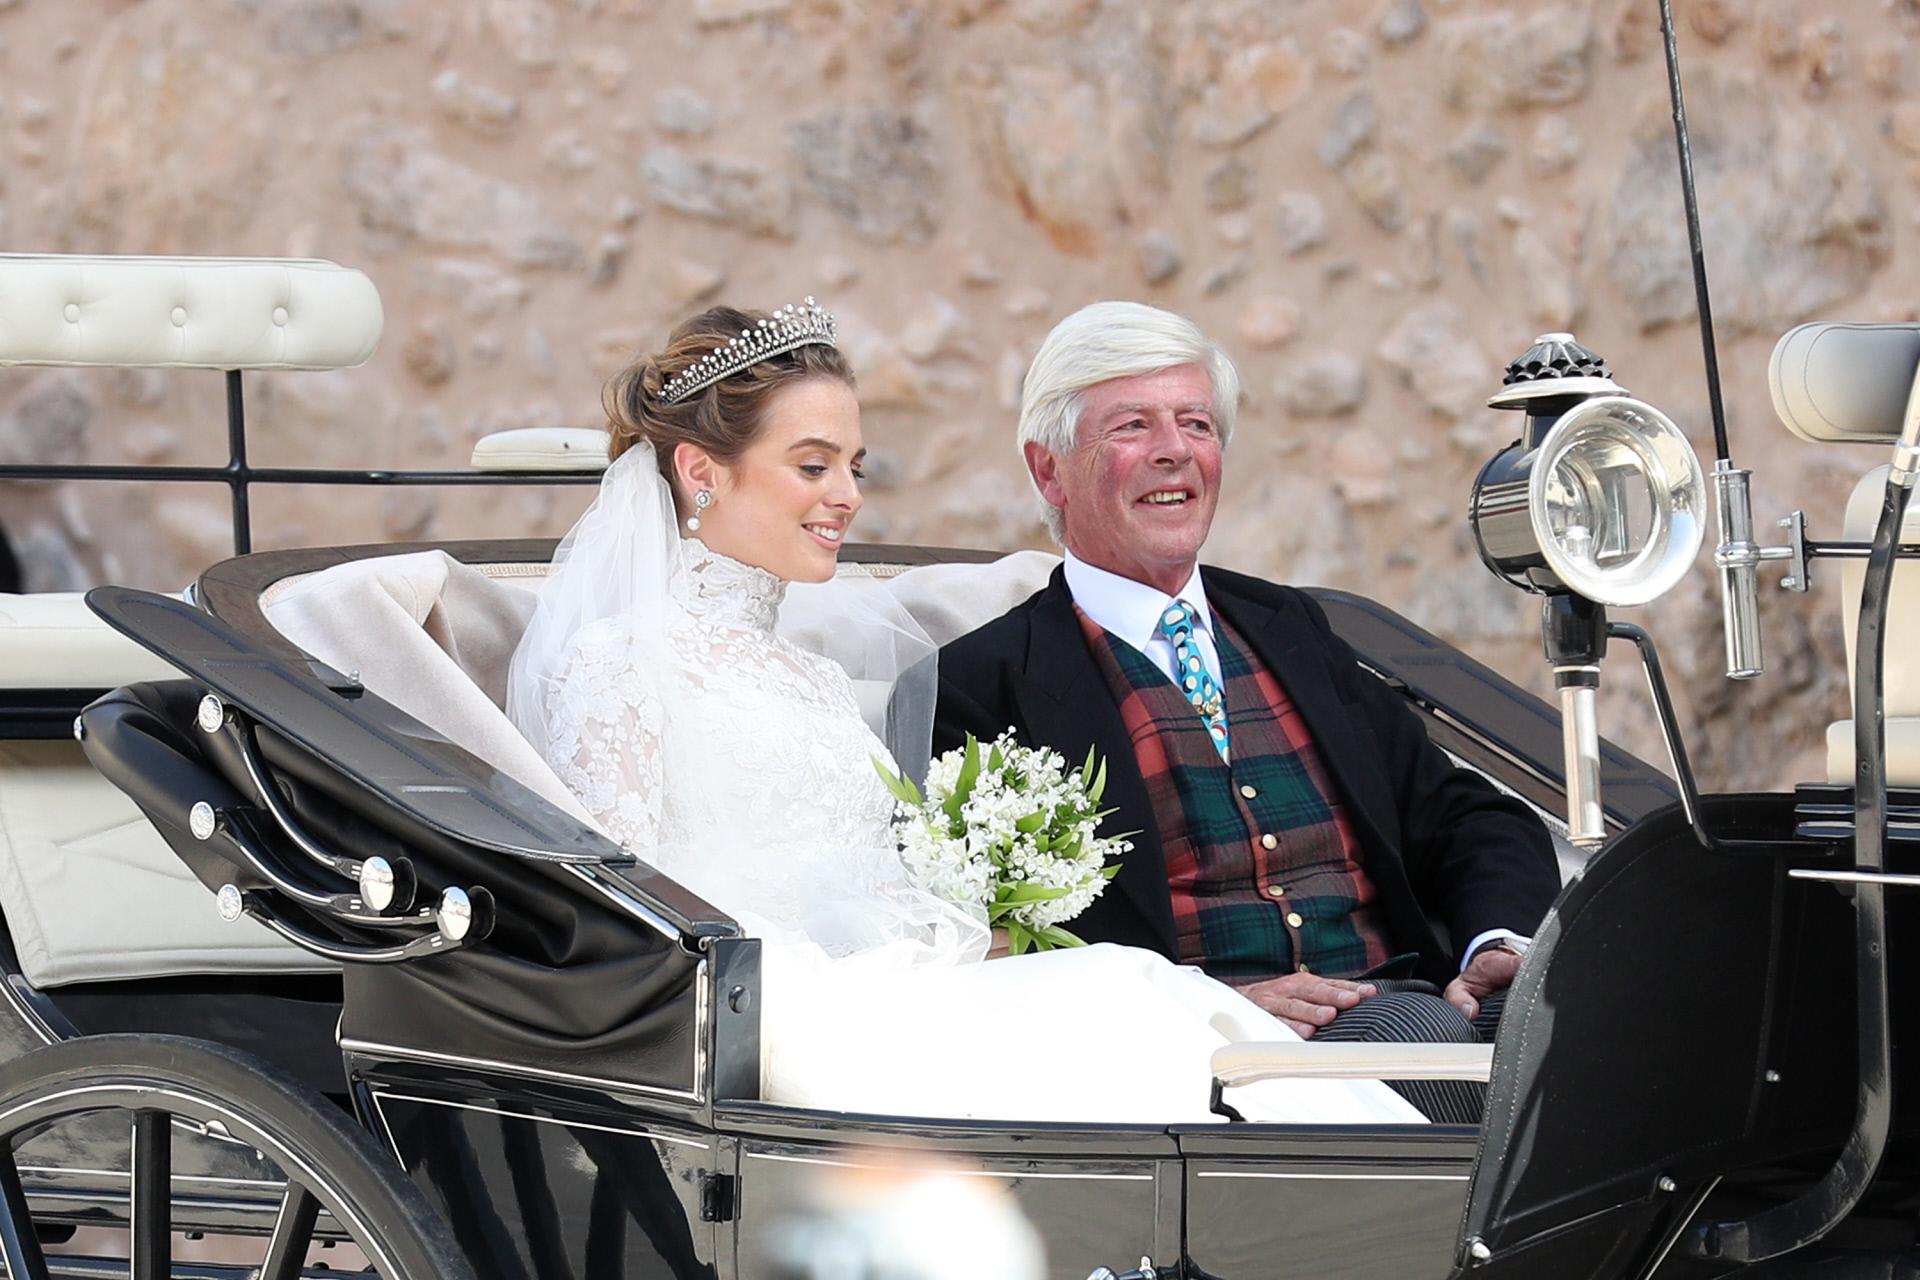 La novia, Charlotte Lindesay-Bethune, junto a su padre, que llevaba chaleco de cuadros escoceses.